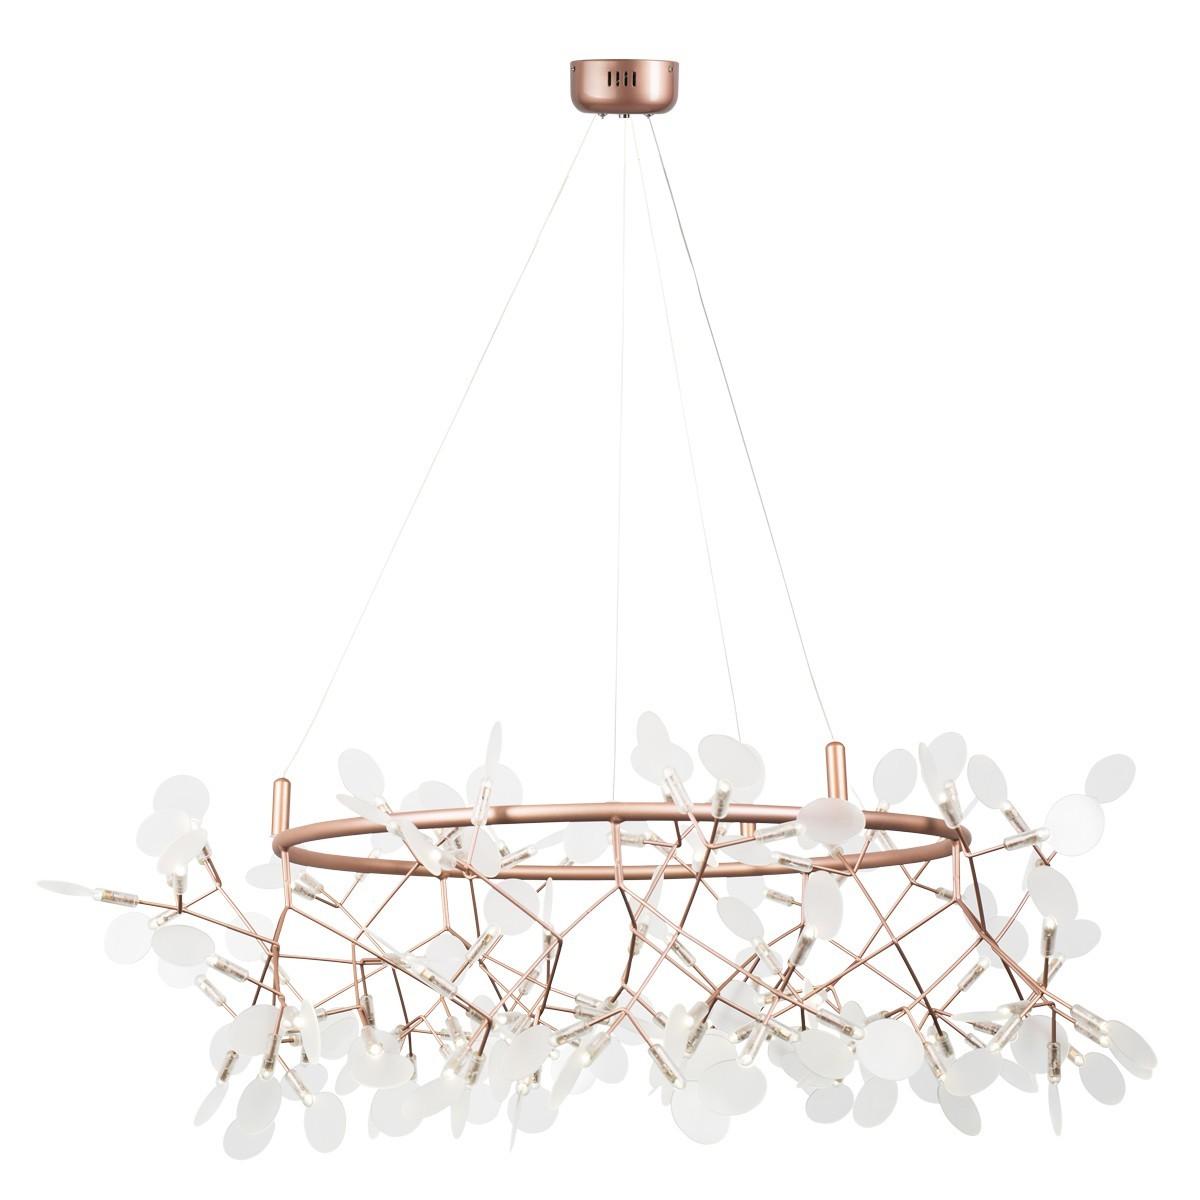 Lampa wisząca ledowa CHIC BOTANIC L miedziana 105 cm ST-5860-L copper - Step into design Do -17% rabatu w koszyku i darmowa dostawa od 299zł !